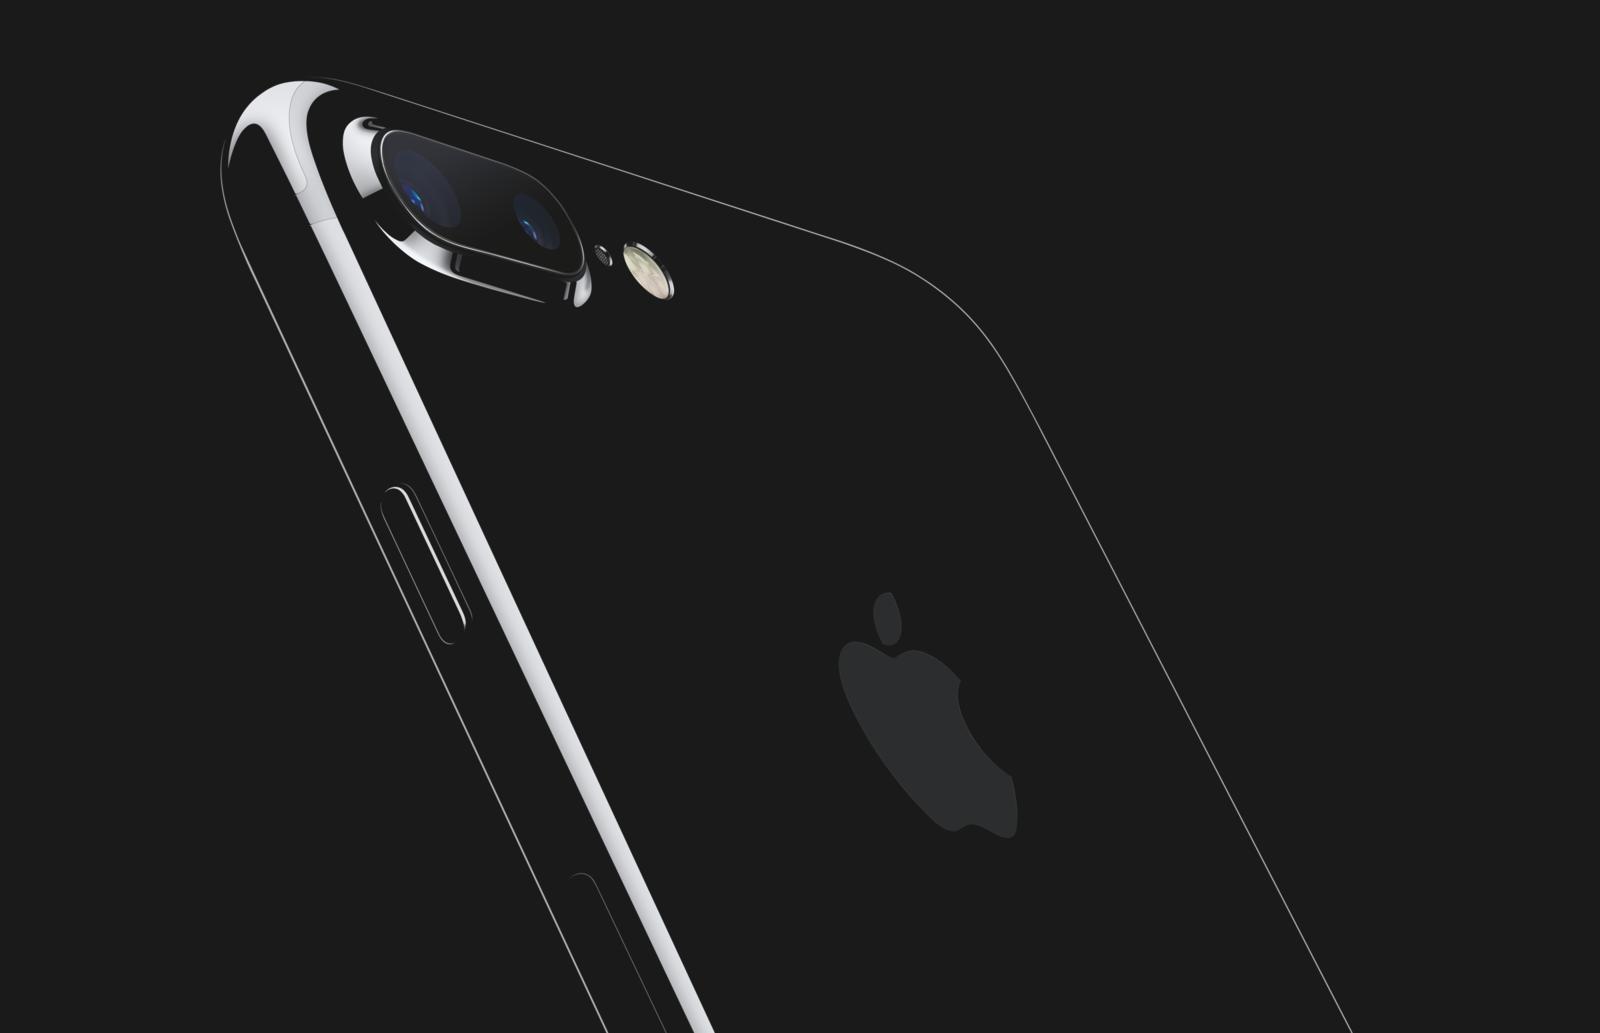 Photo 1 of 2 in iPhone vs Pixel